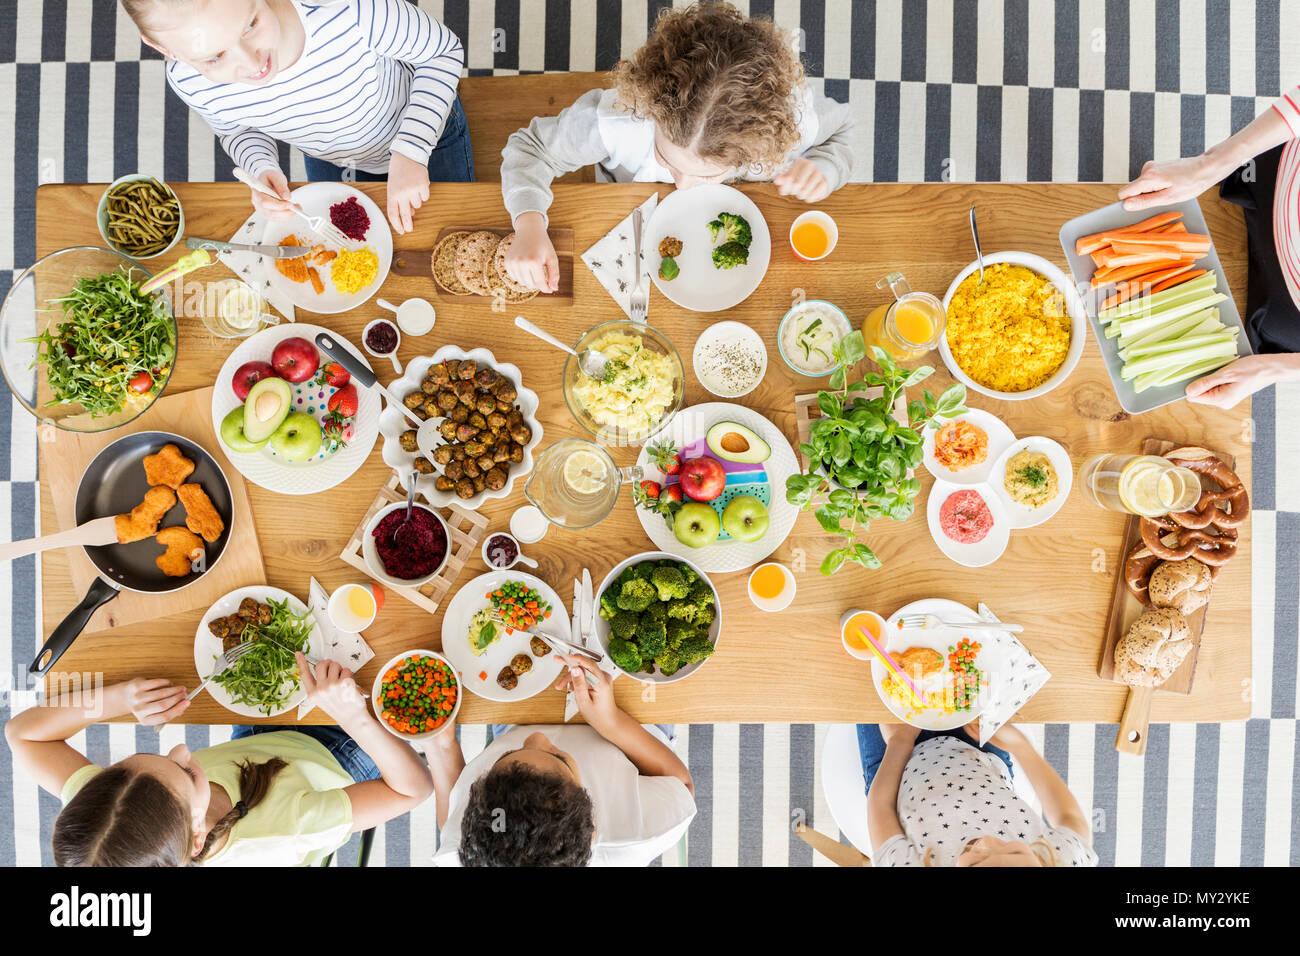 Vista superior en los niños que comen alimentos sanos durante la fiesta de cumpleaños del amigo Imagen De Stock